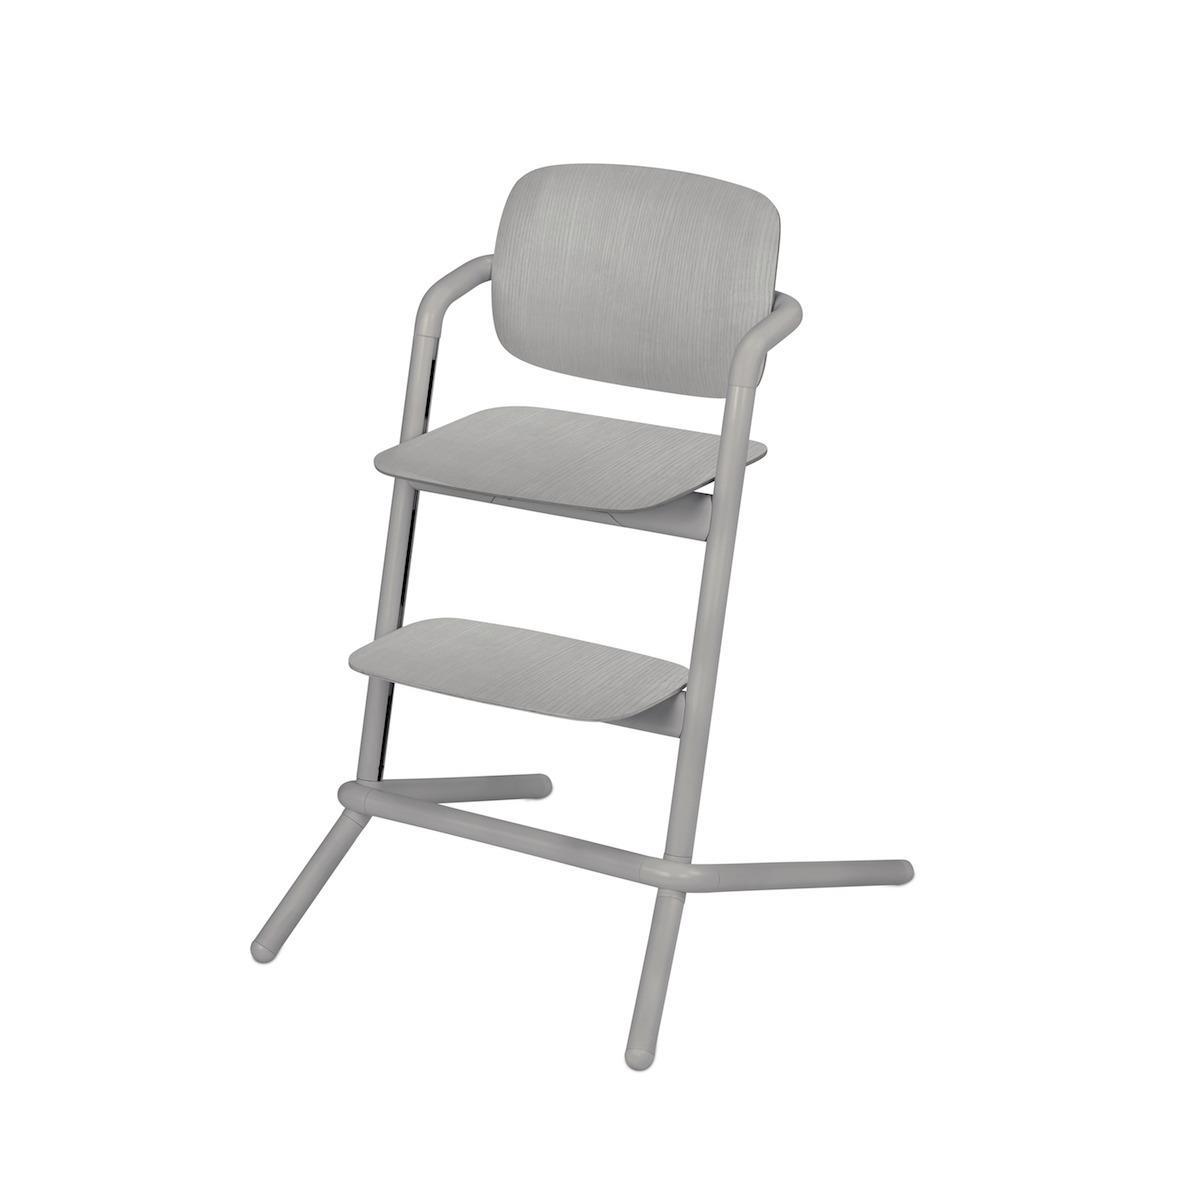 Chaise haute bois LEMO Cybex gris storm-gris